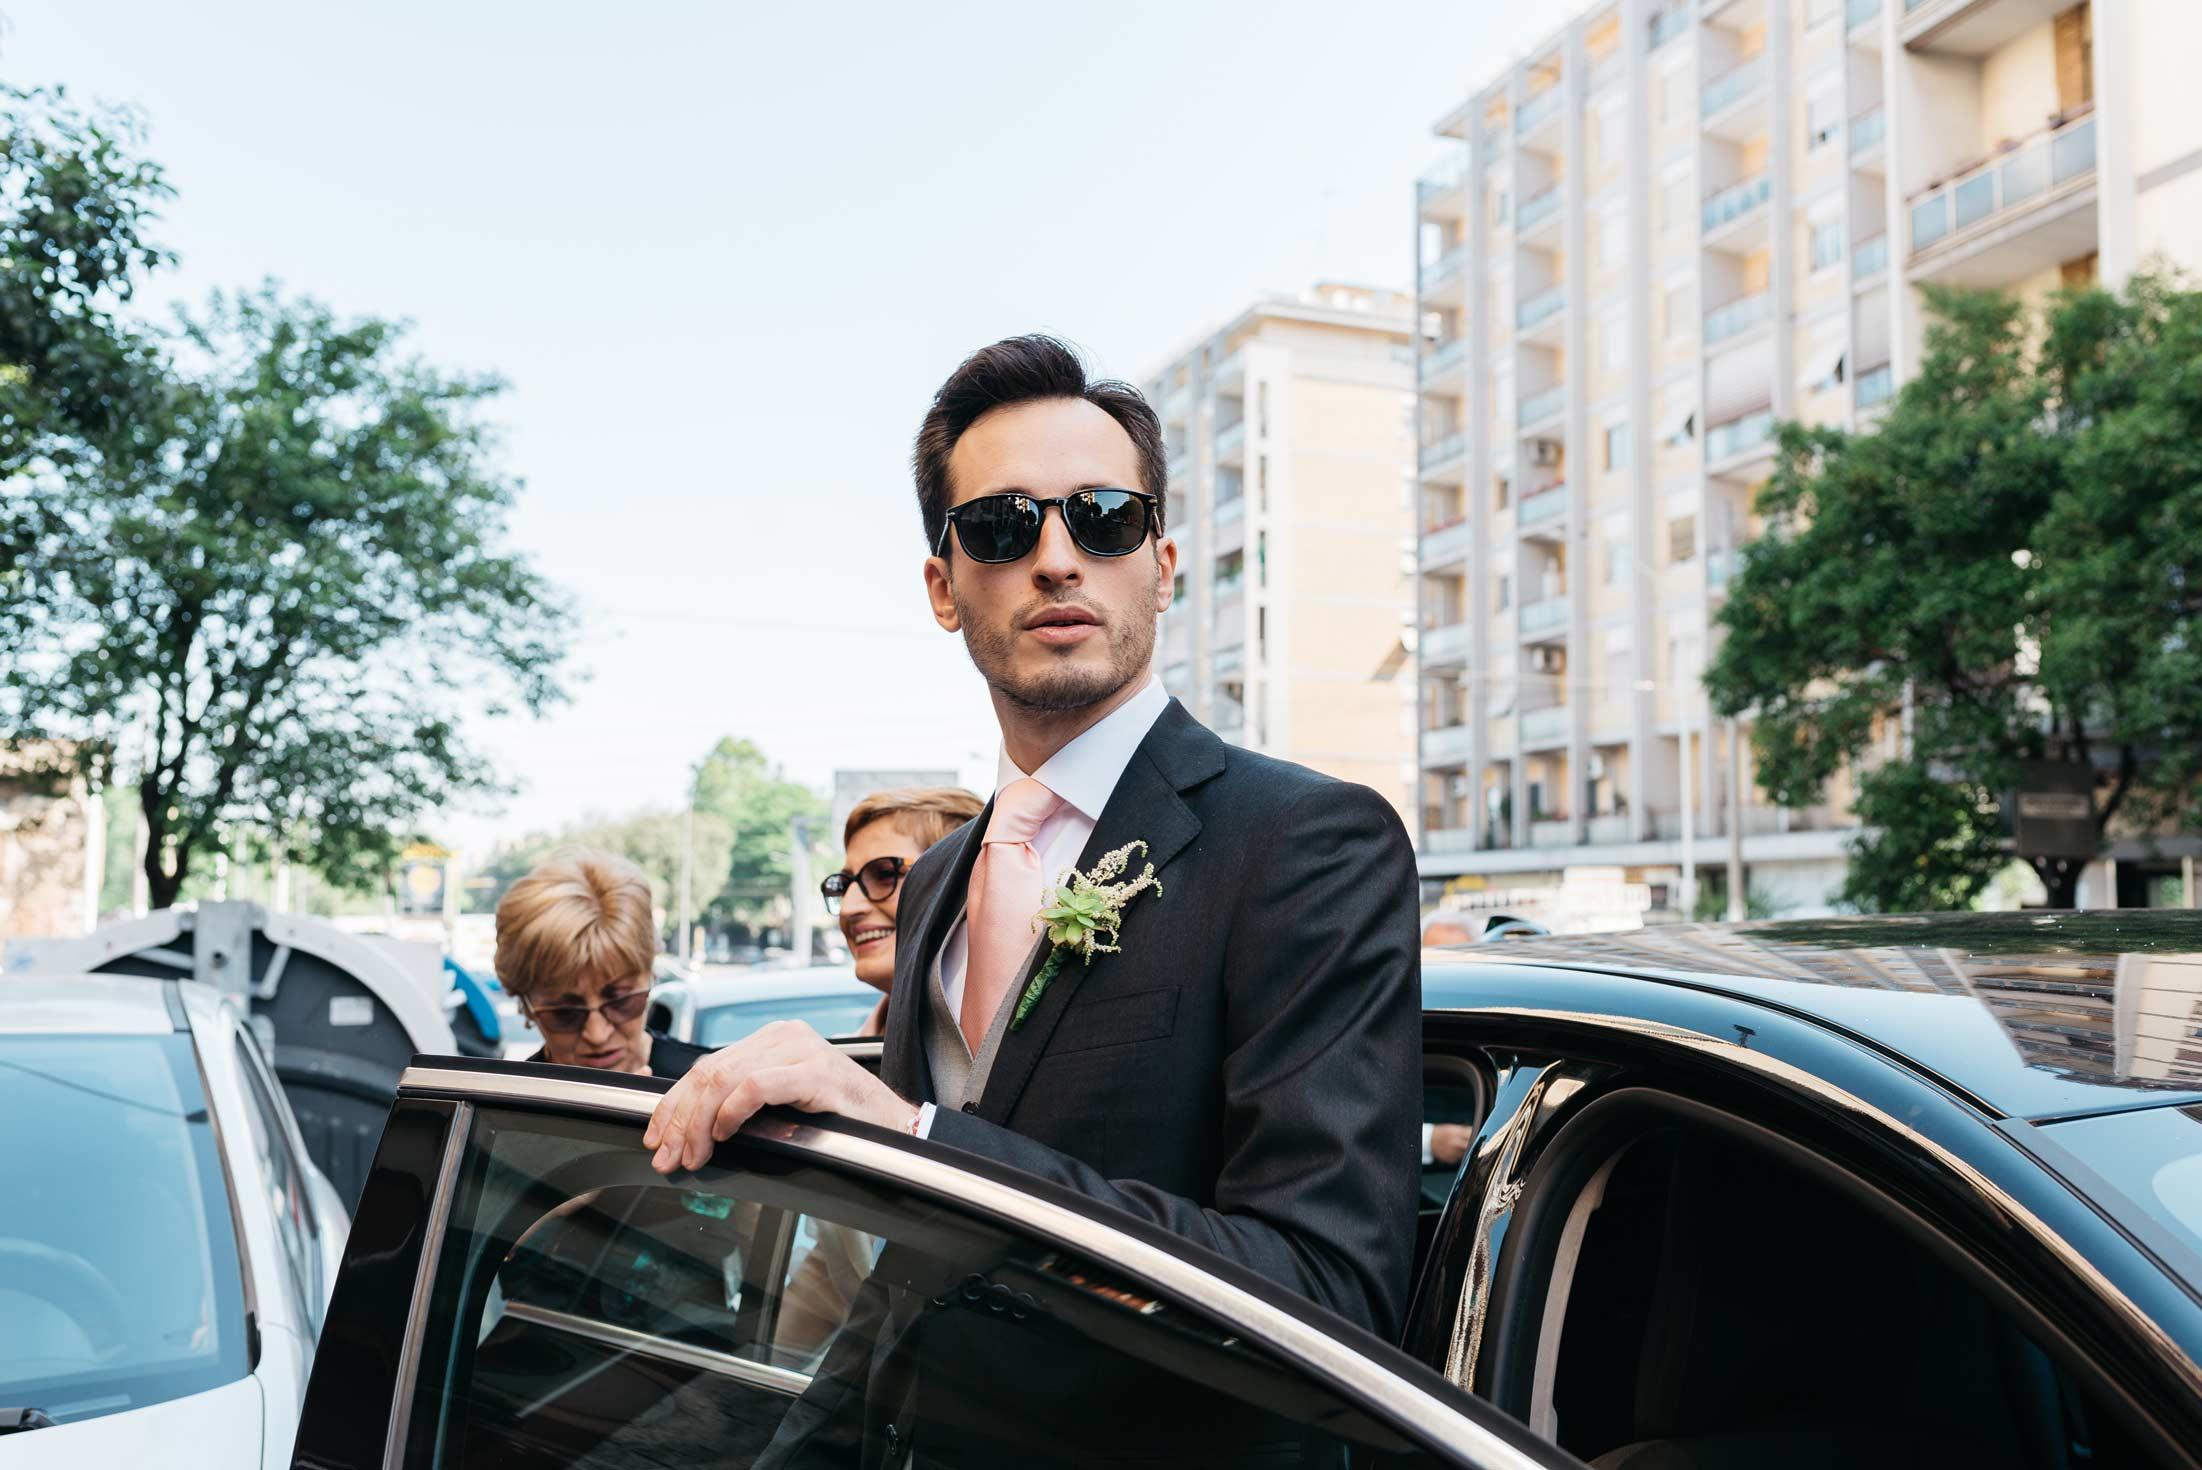 Fotografo-Di-Matrimonio-Roma-Reportage-Preparativi-Sposo